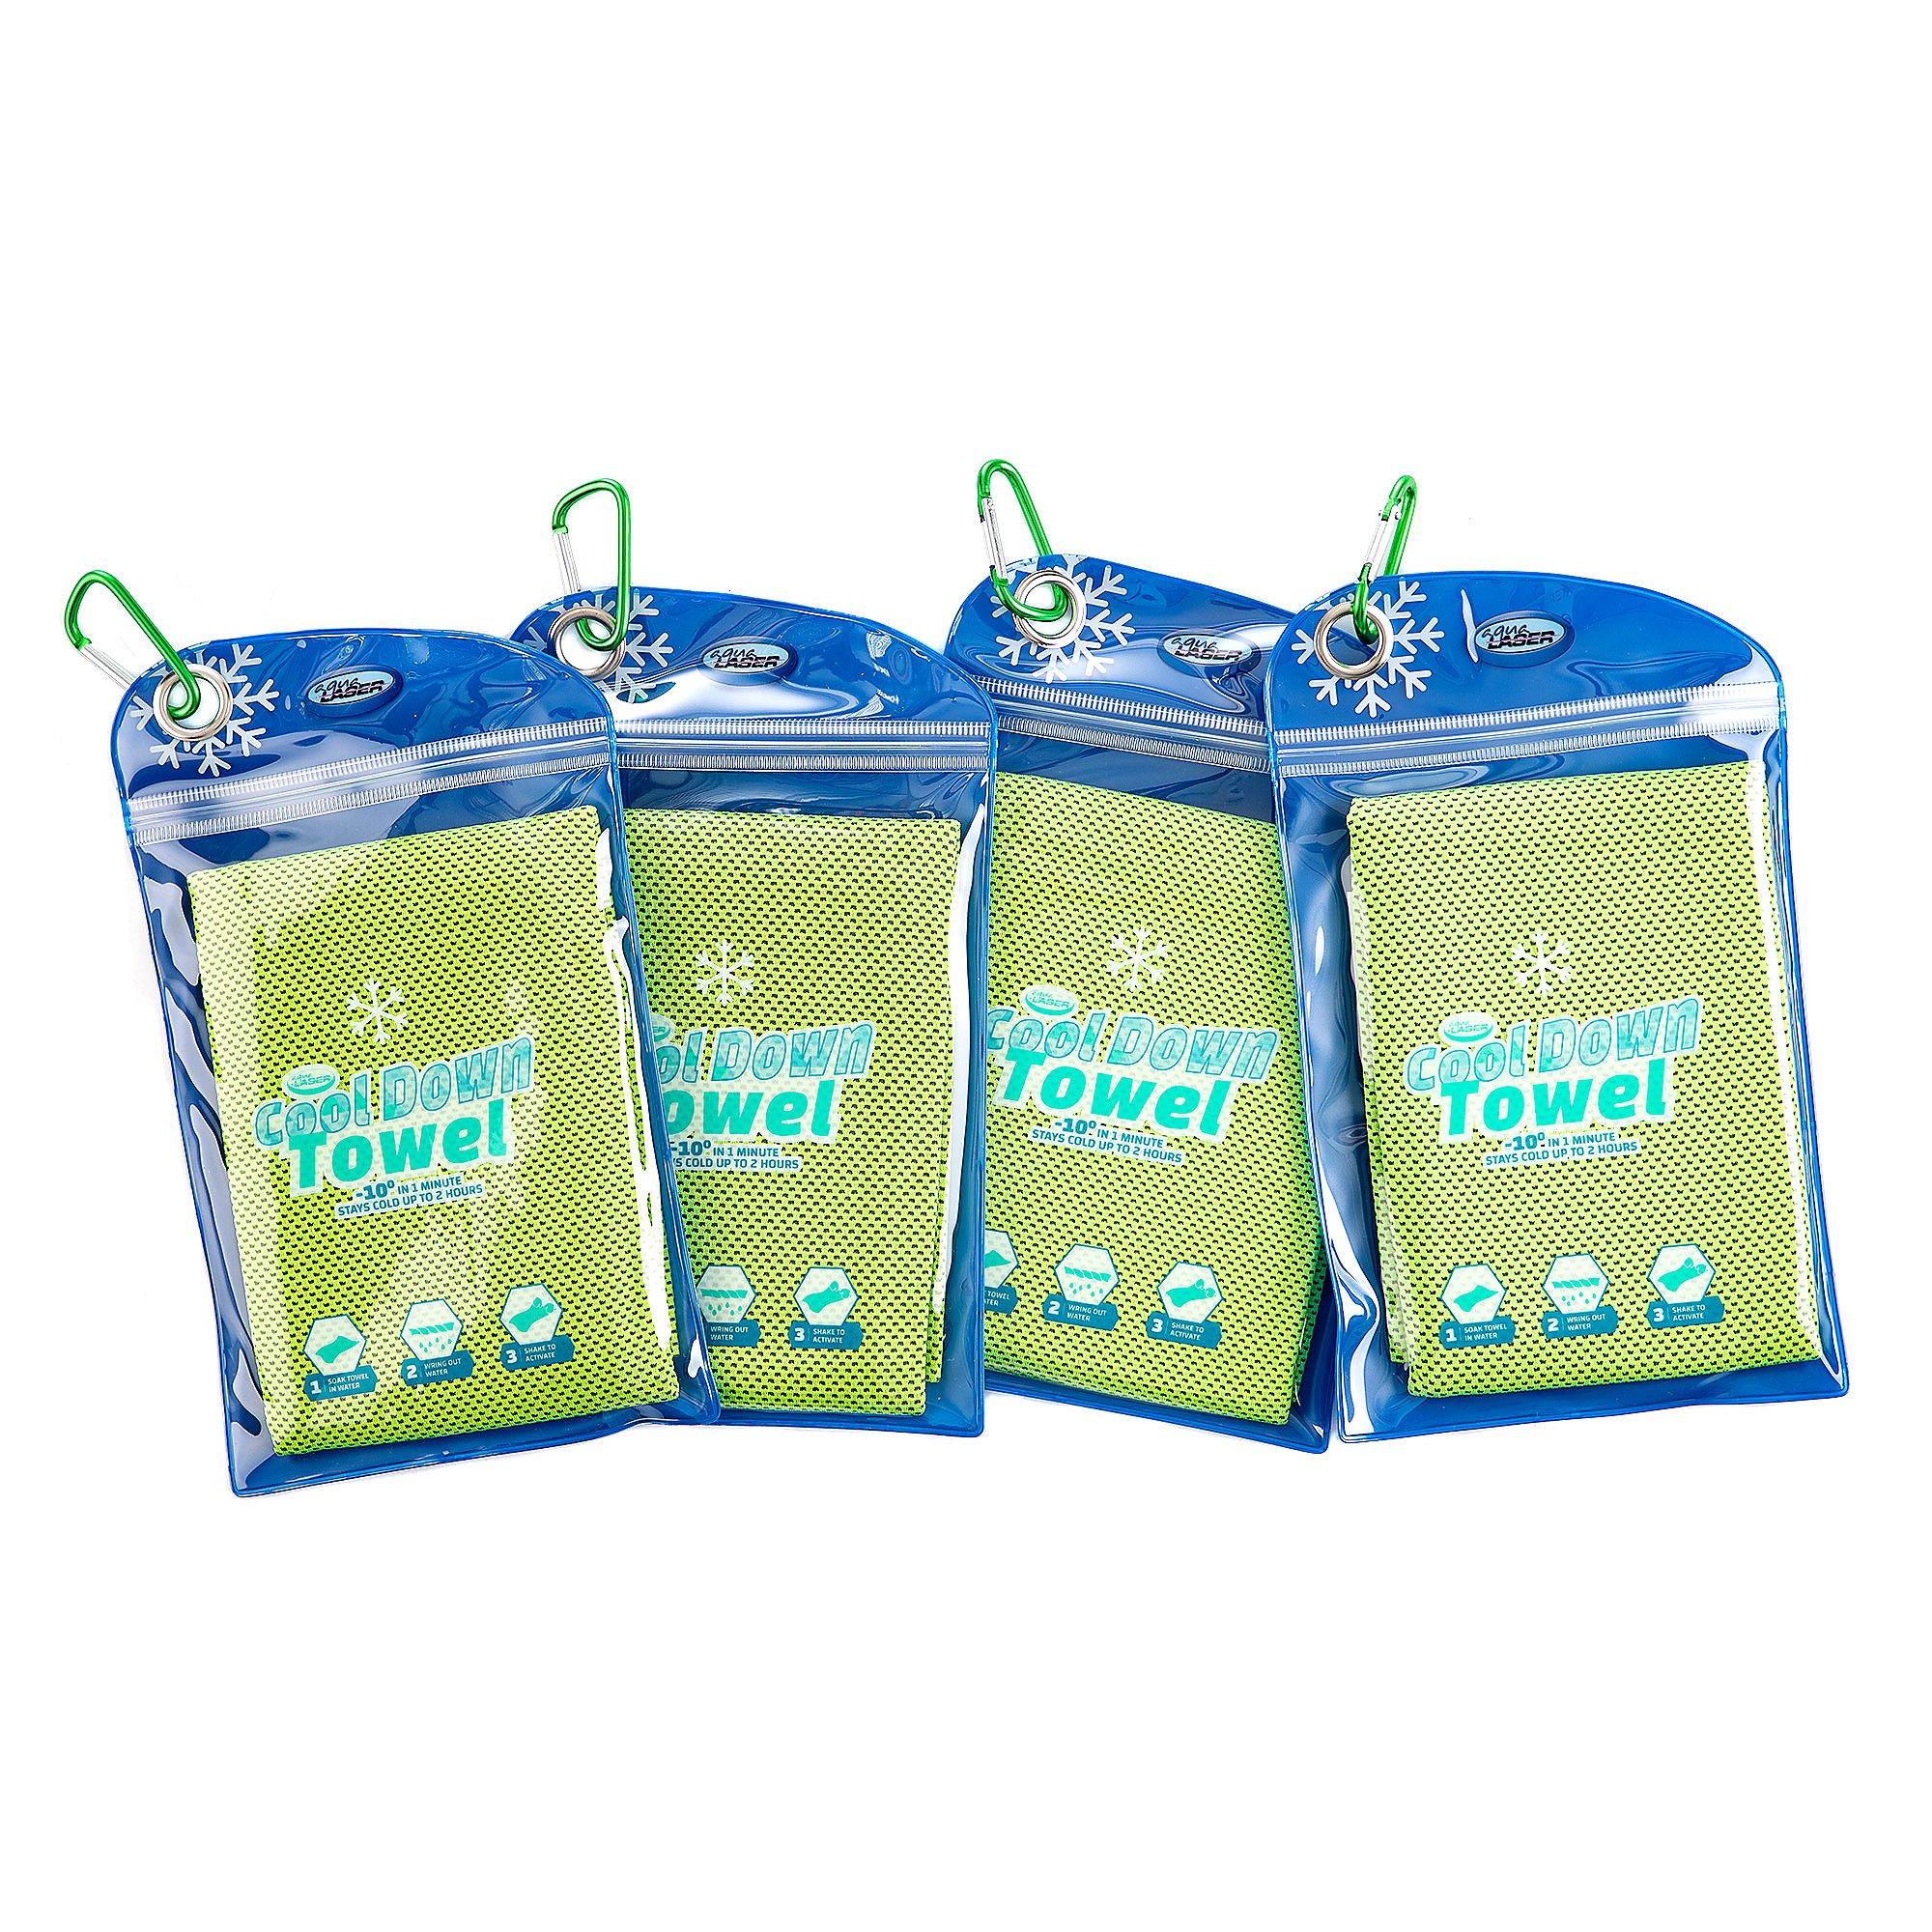 Cool Down Towel kühlendes Handtuch Polybag verschließbar ca. 30x90cm 4 Stück